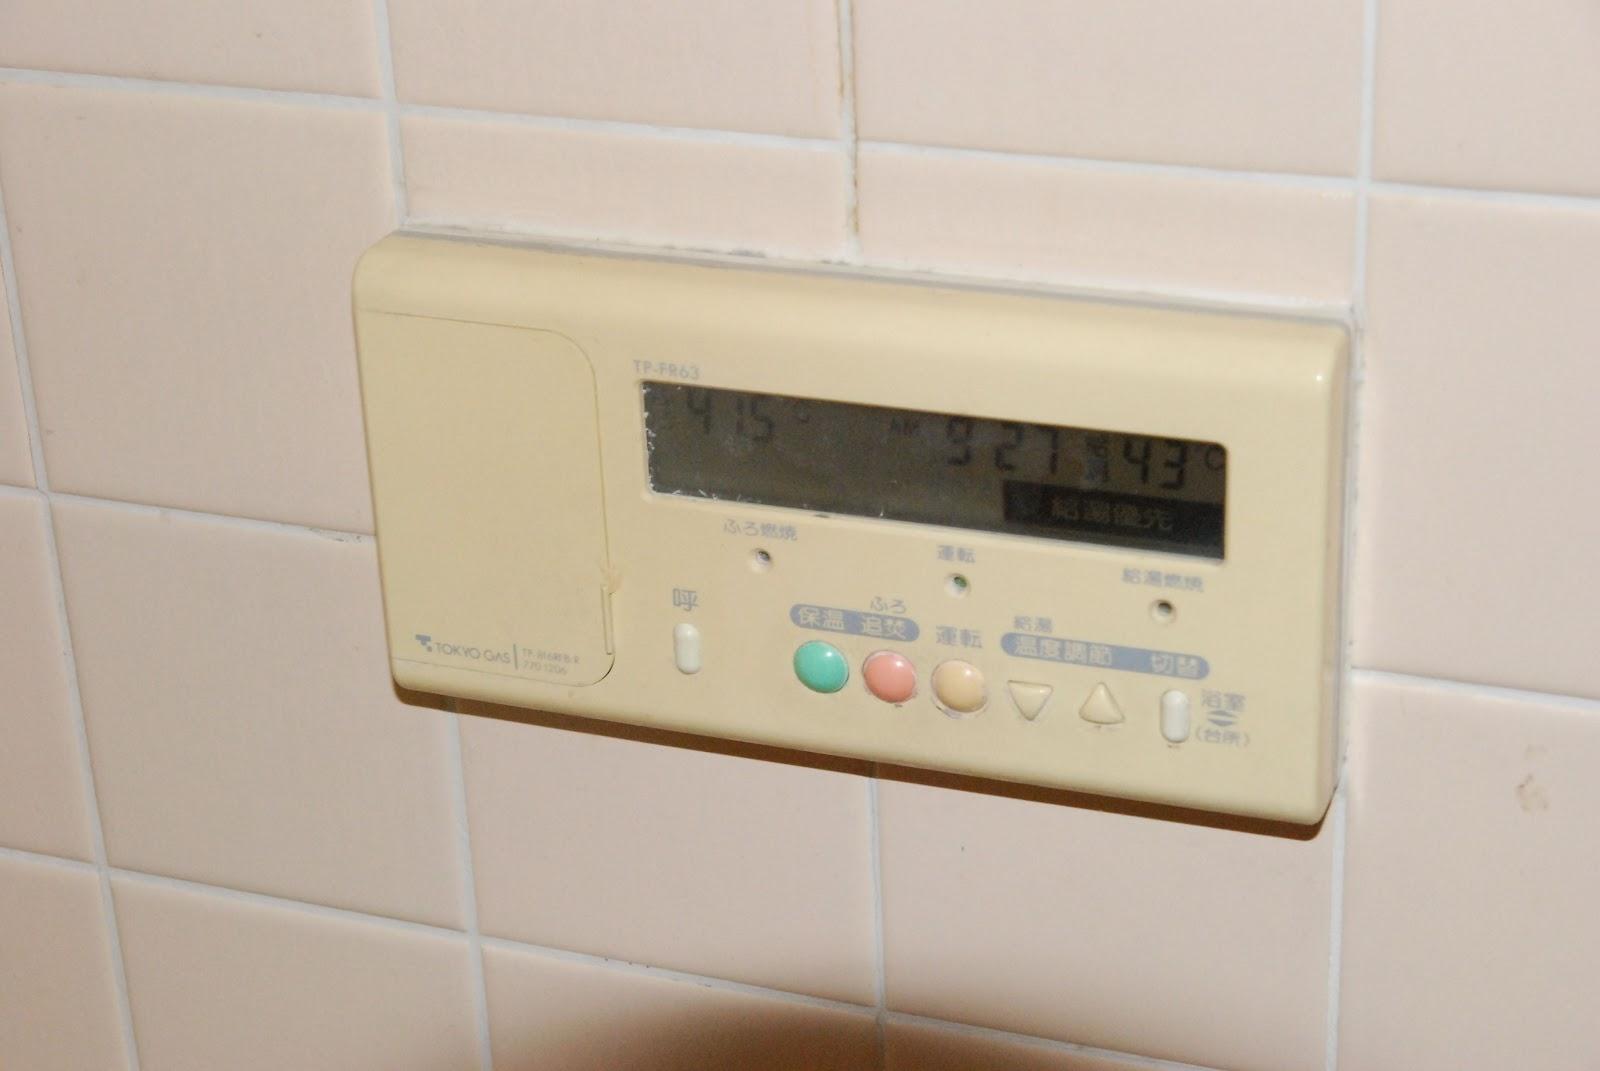 Mein japanisches badezimmer yokushitsu for Mein badezimmer